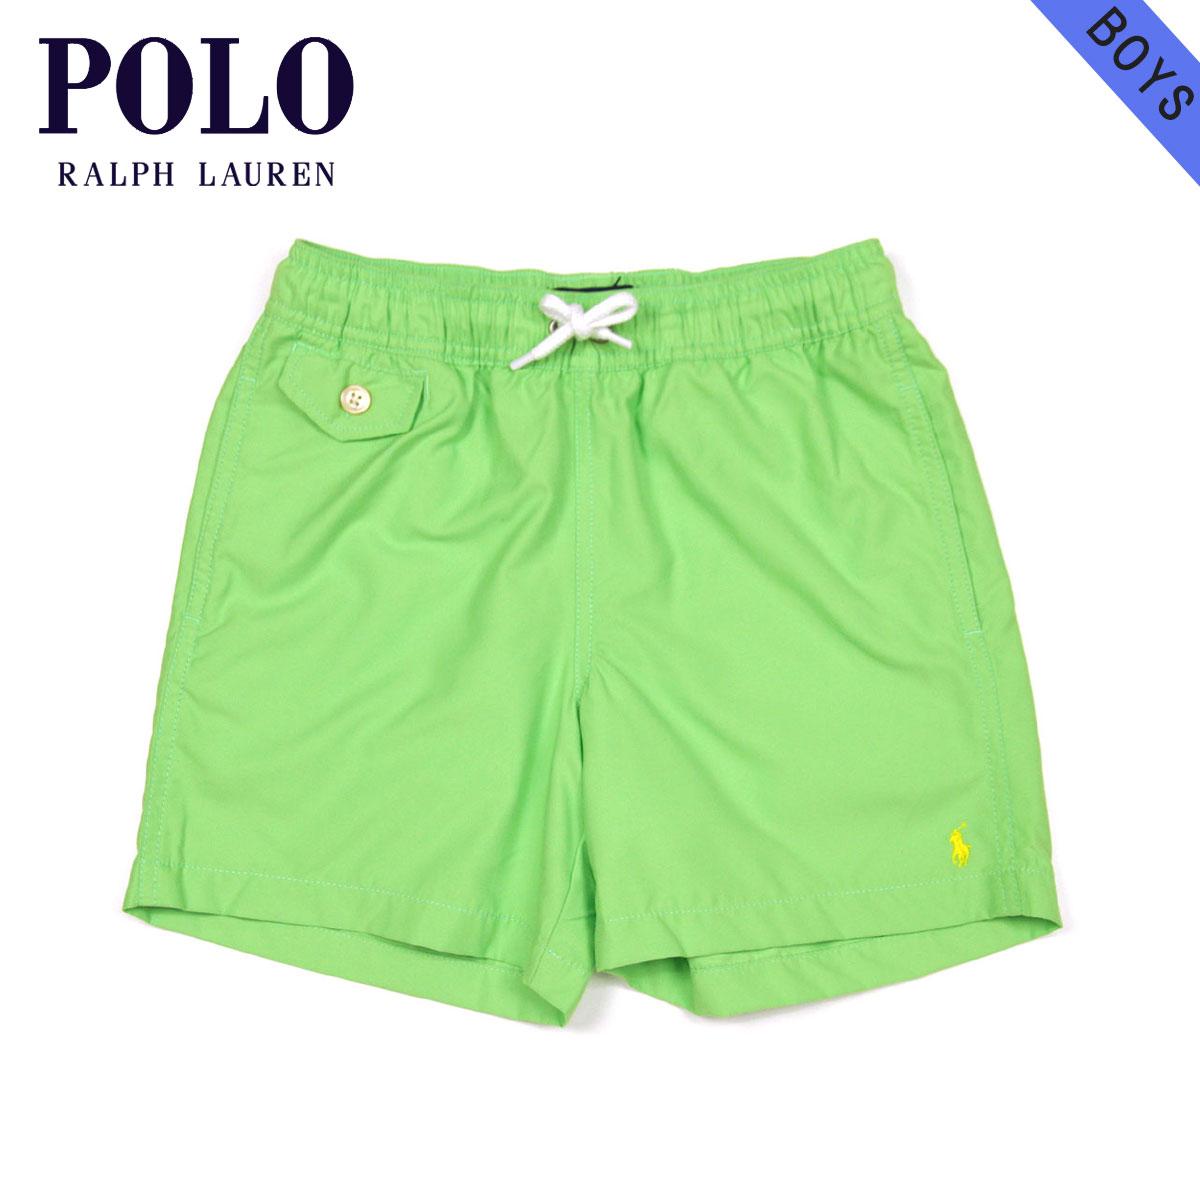 0a10ce3e04 Polo Ralph Lauren kids POLO RALPH LAUREN CHILDREN regular article  children's clothes Boys swimming top swimsuit ...